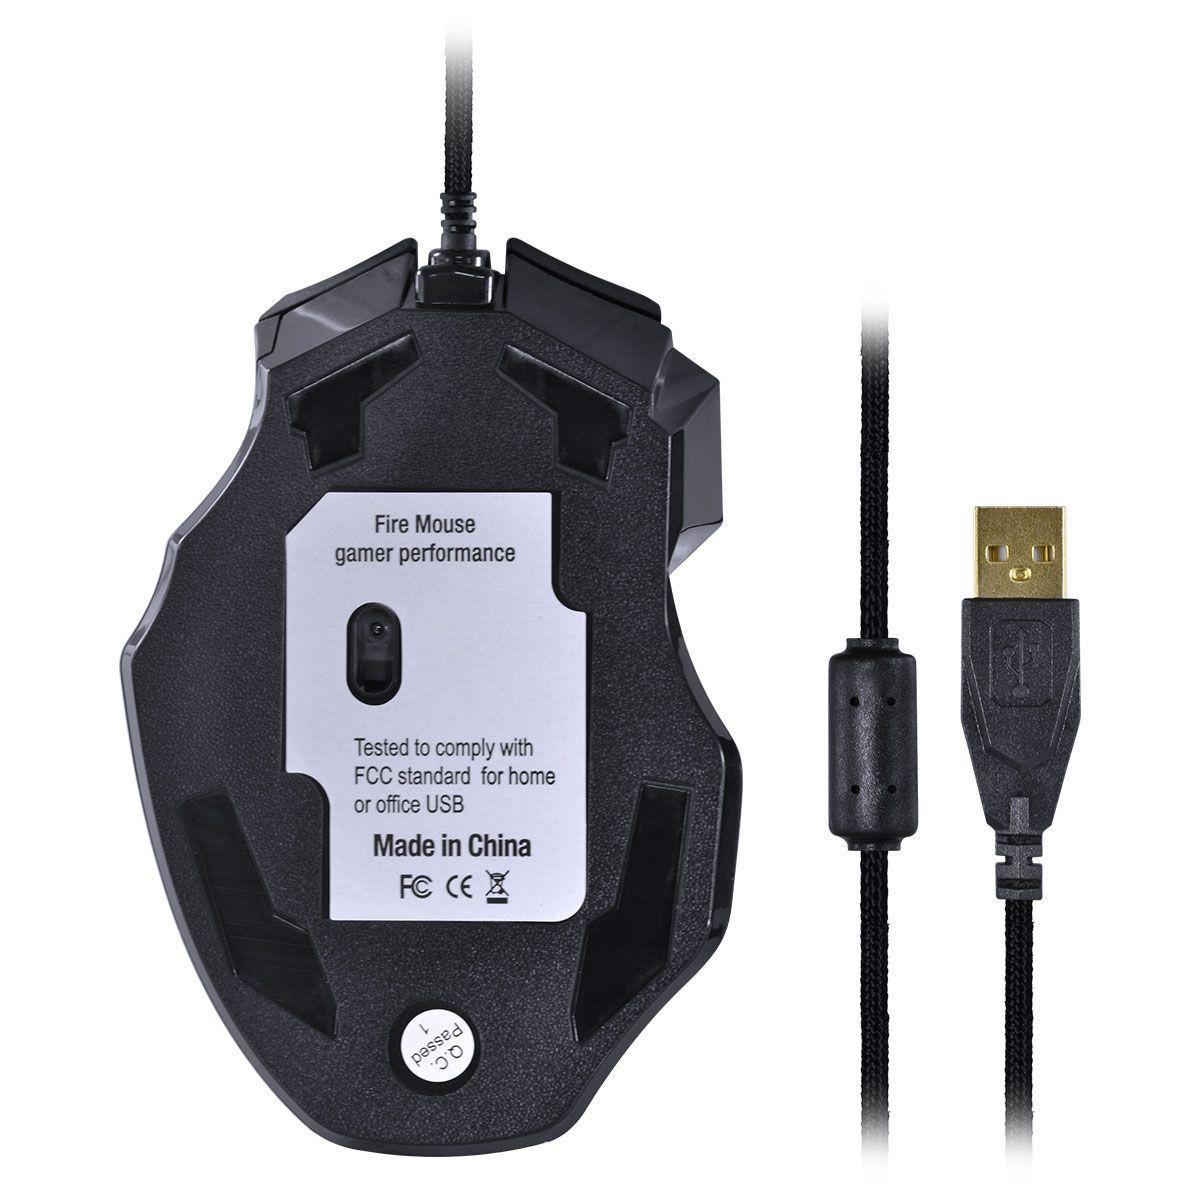 MOUSE GAMER VX GAMING BLACK WIDOW 2400 DPI AJUSTAVEL E 06 BOTOES PRETO COM VERMELHO USB - GM102